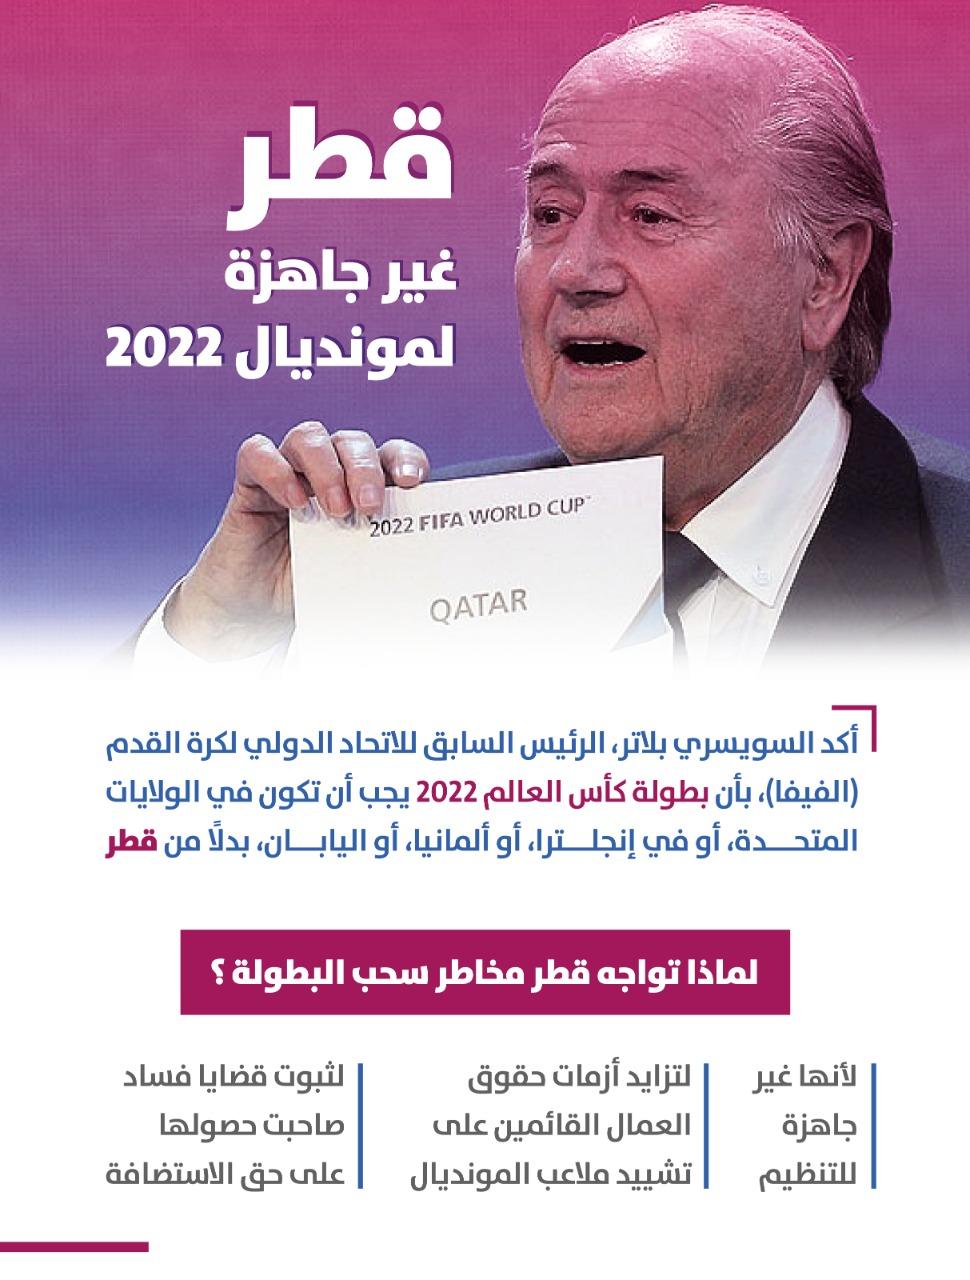 قطر غير جاهزة لمونديال ٢٠٢٢